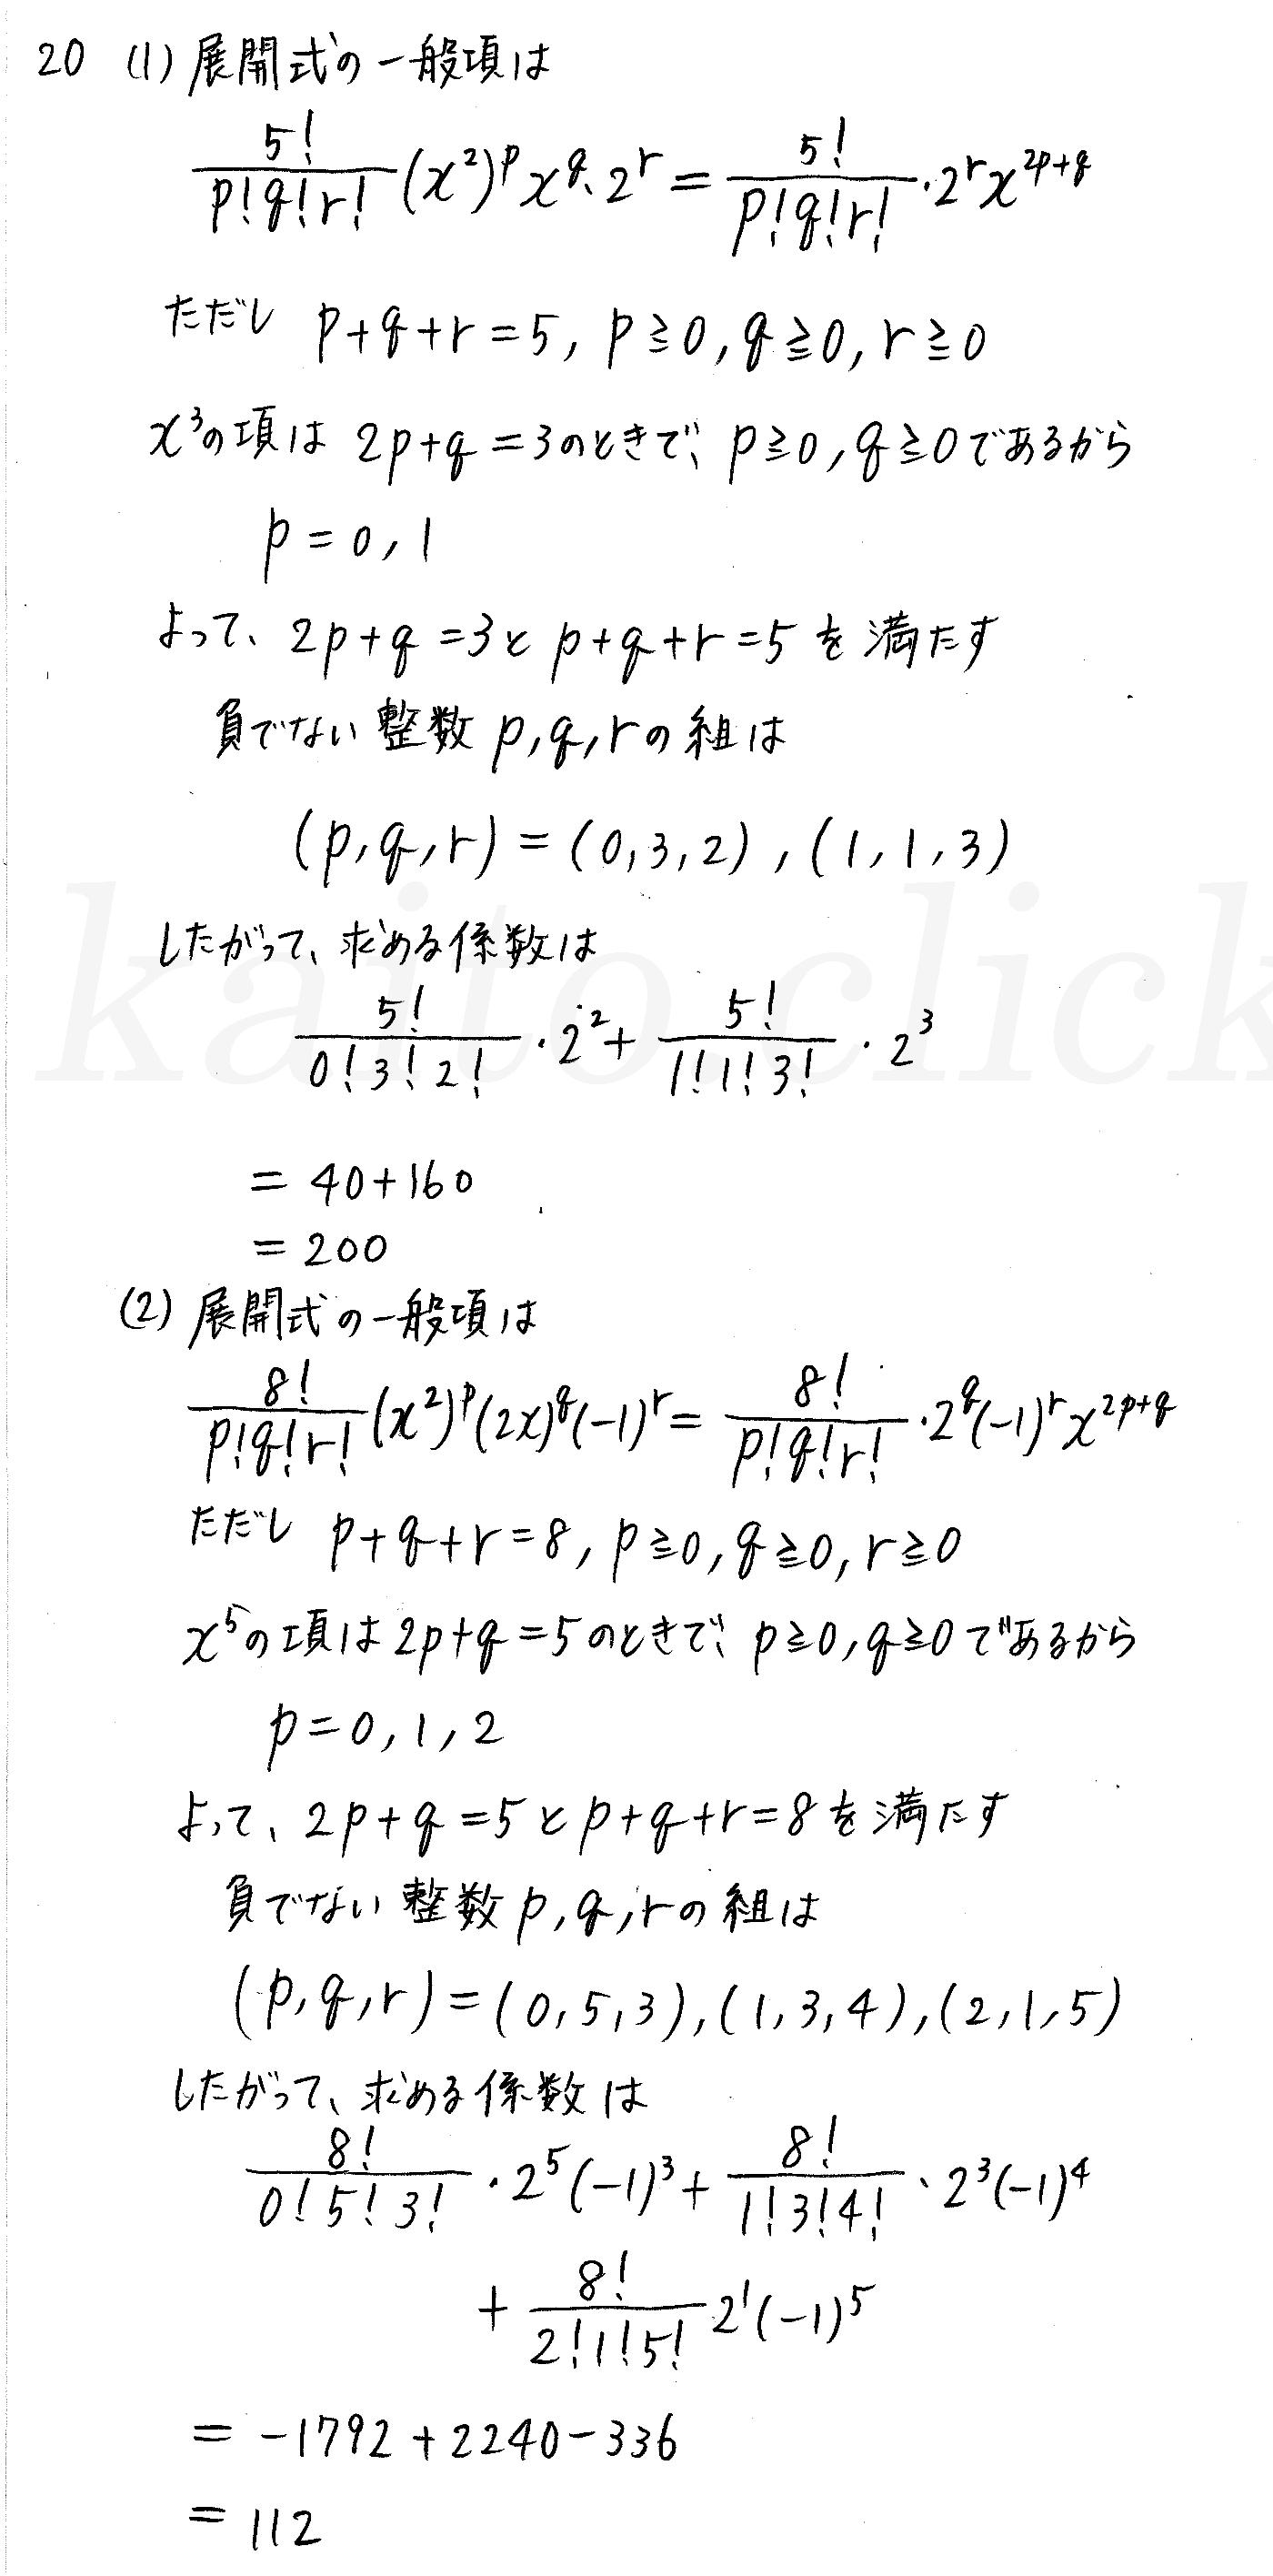 クリアー数学2-20解答